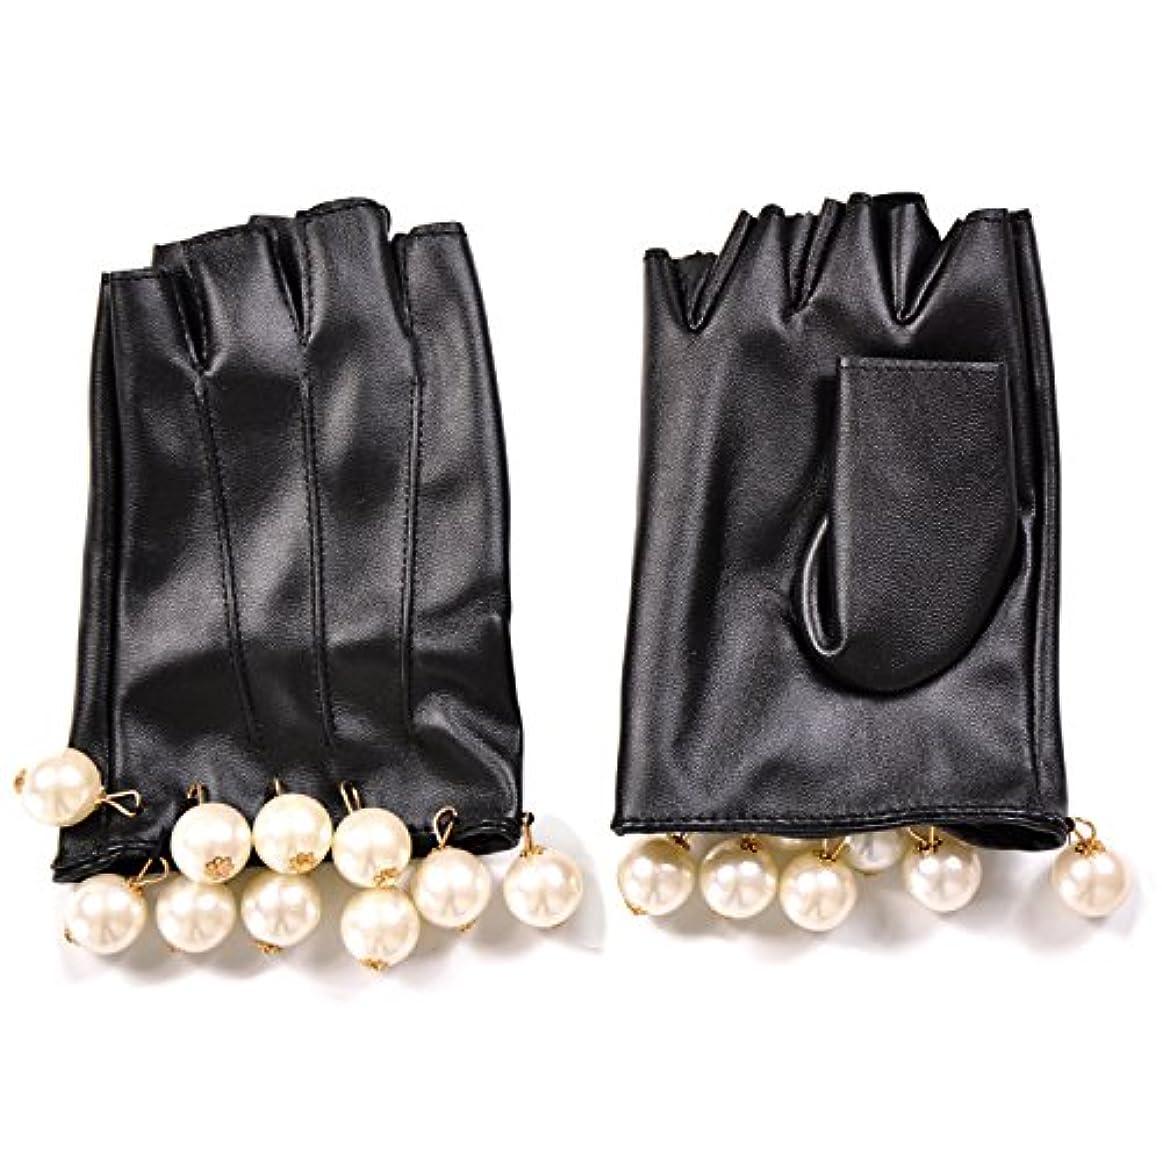 仕出します戸惑う尊敬エレガント フェイクレザー ショートグローブ グローブ 手袋 パール フリル